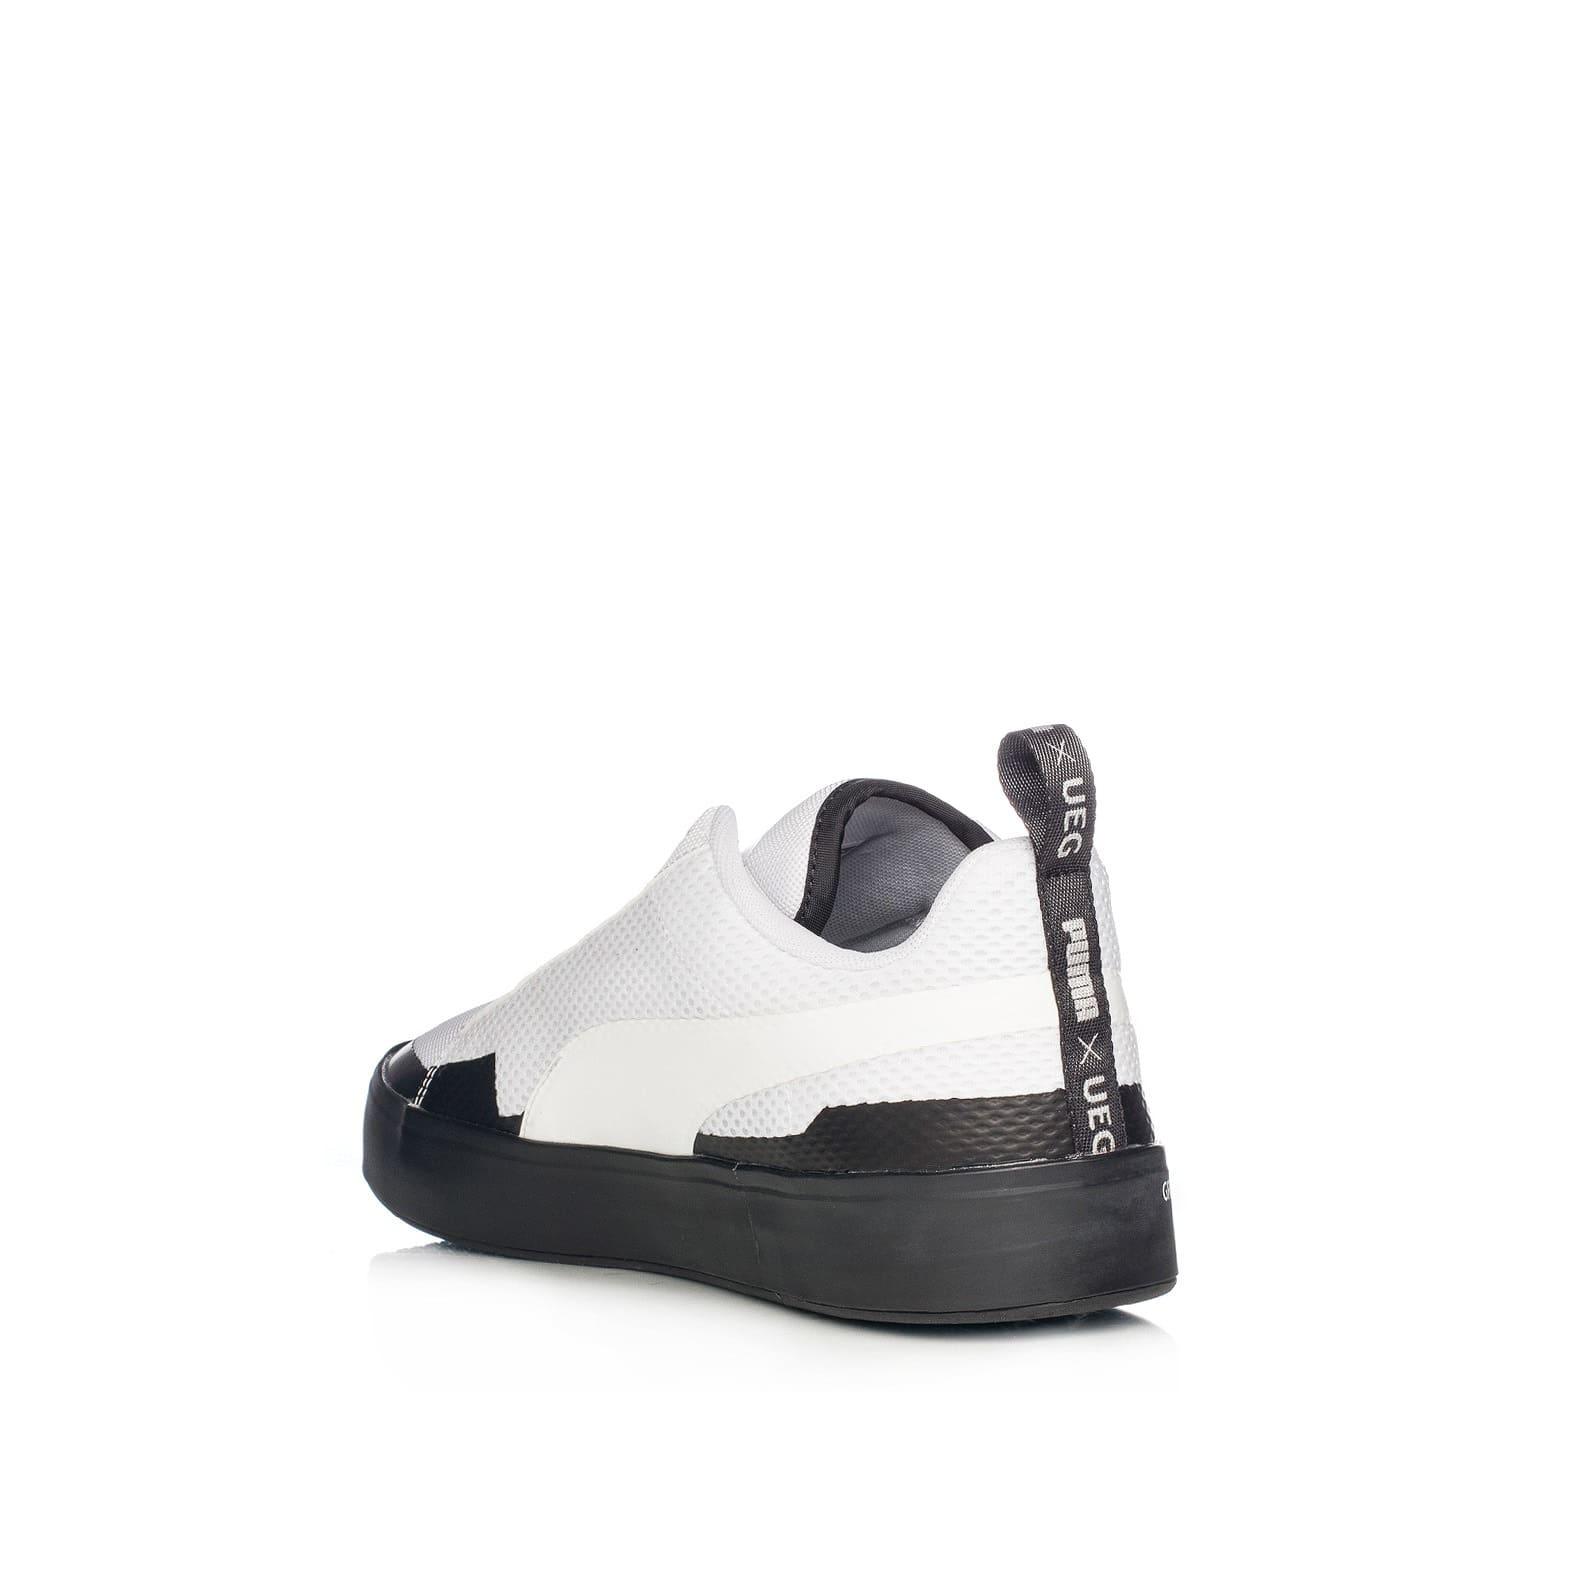 puma-court-play-slipon-white-black-x-ueg-361637-02